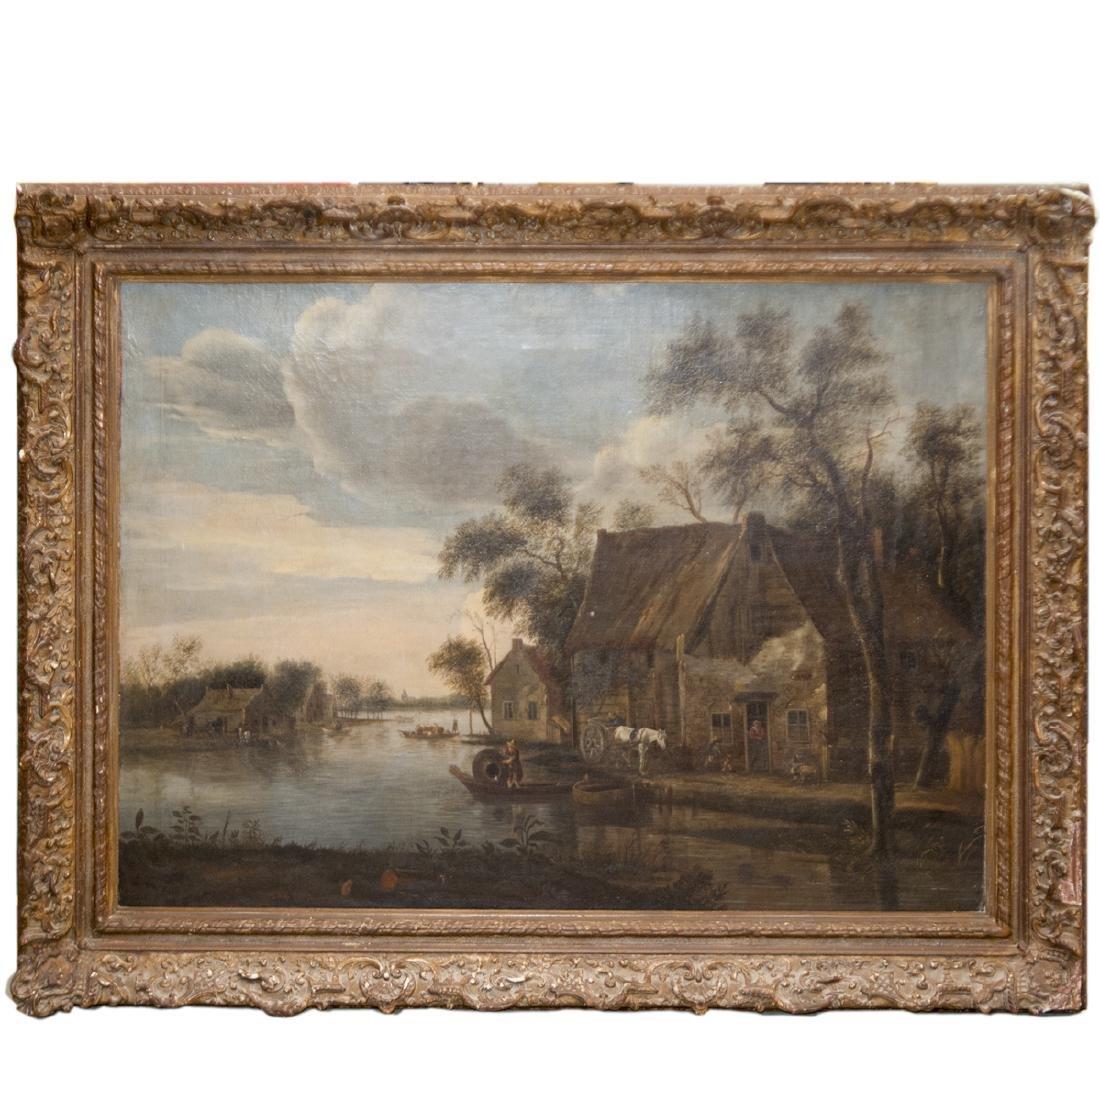 Salomon Rombouts (Dutch 1655 - c. 1702)